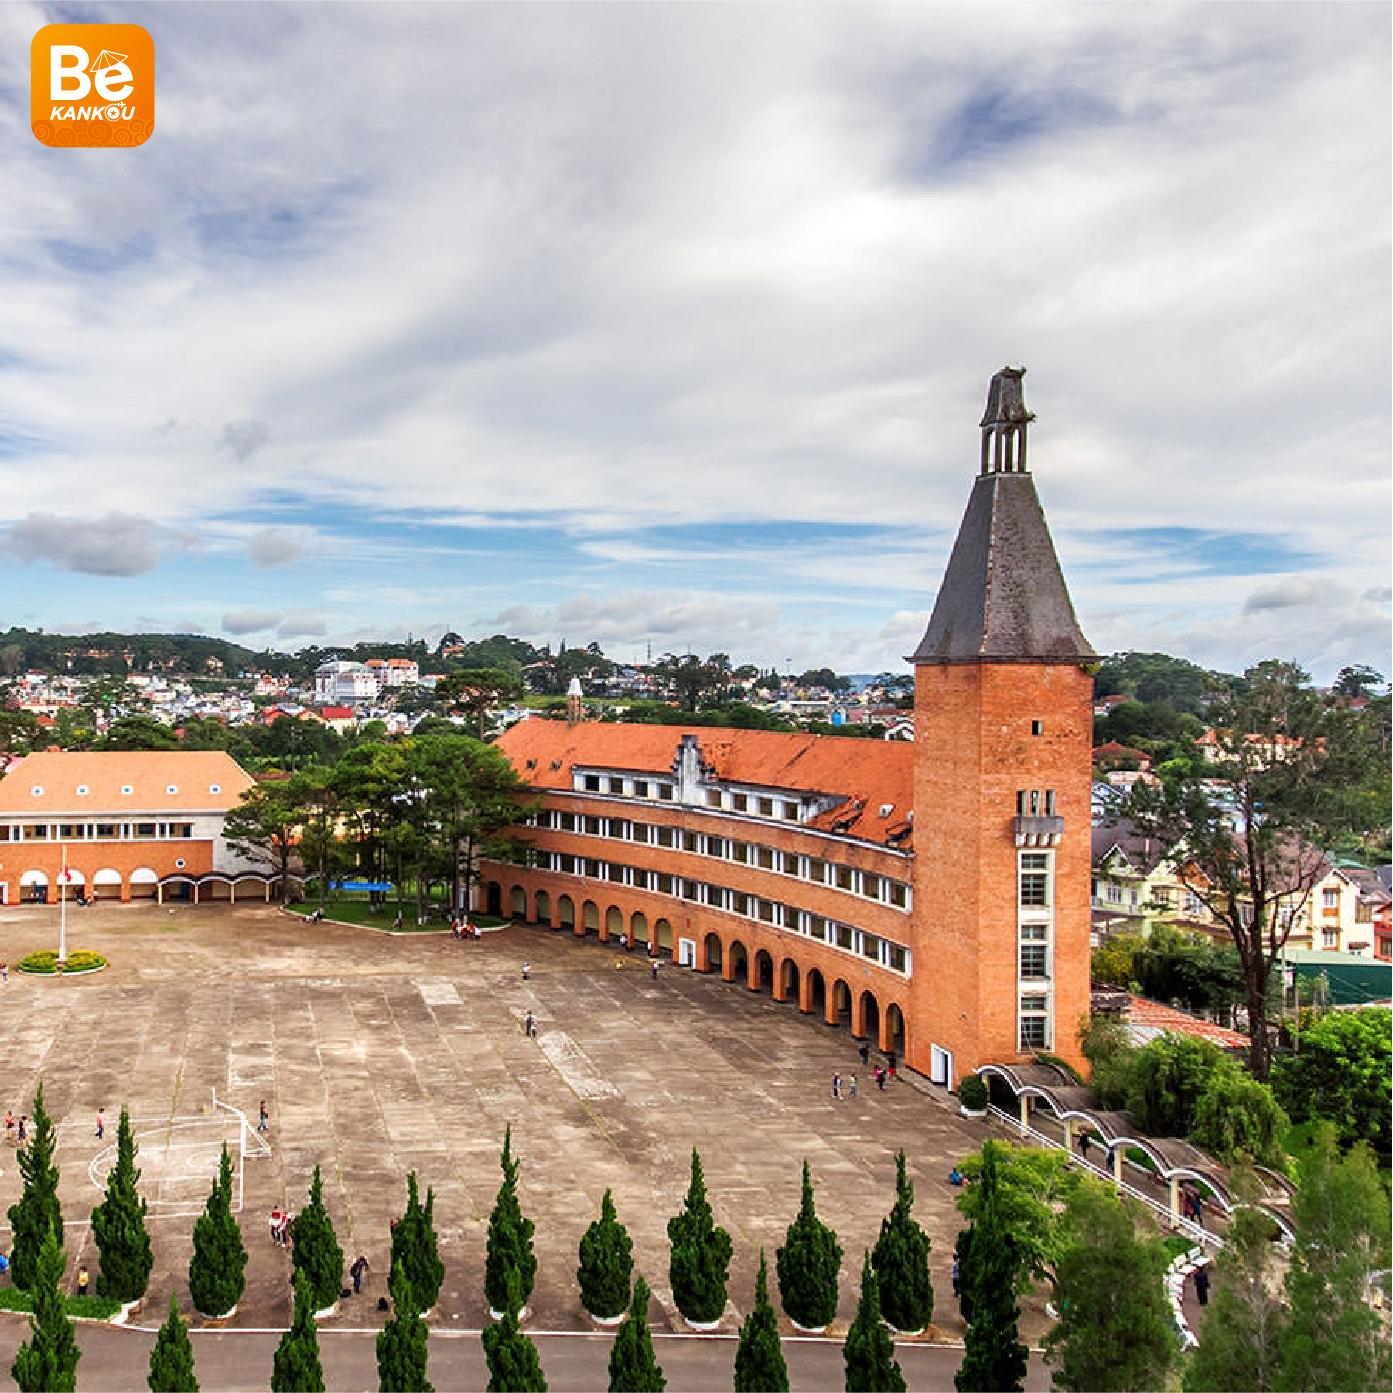 ベトナムのダラットでのホテルを予約する経験-1